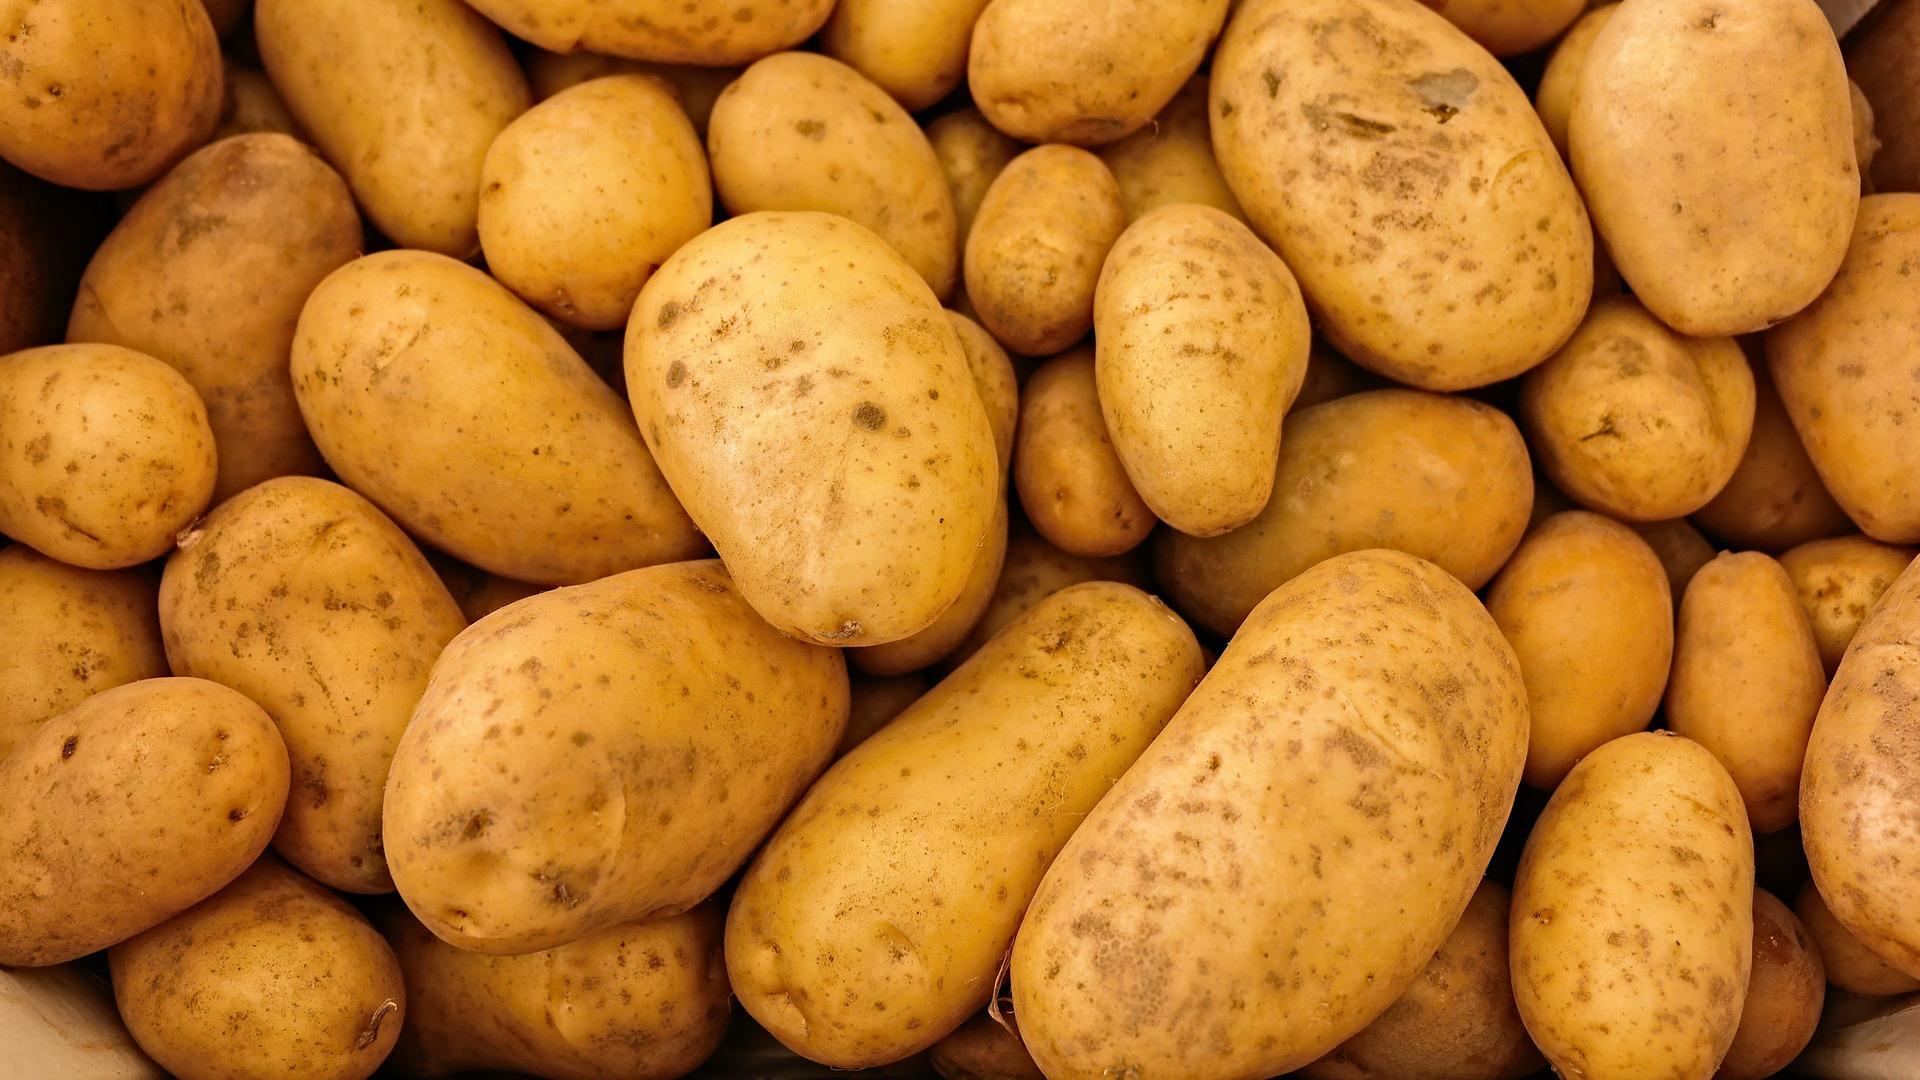 trucos-para-conservar-mejor-las-patatas-1920